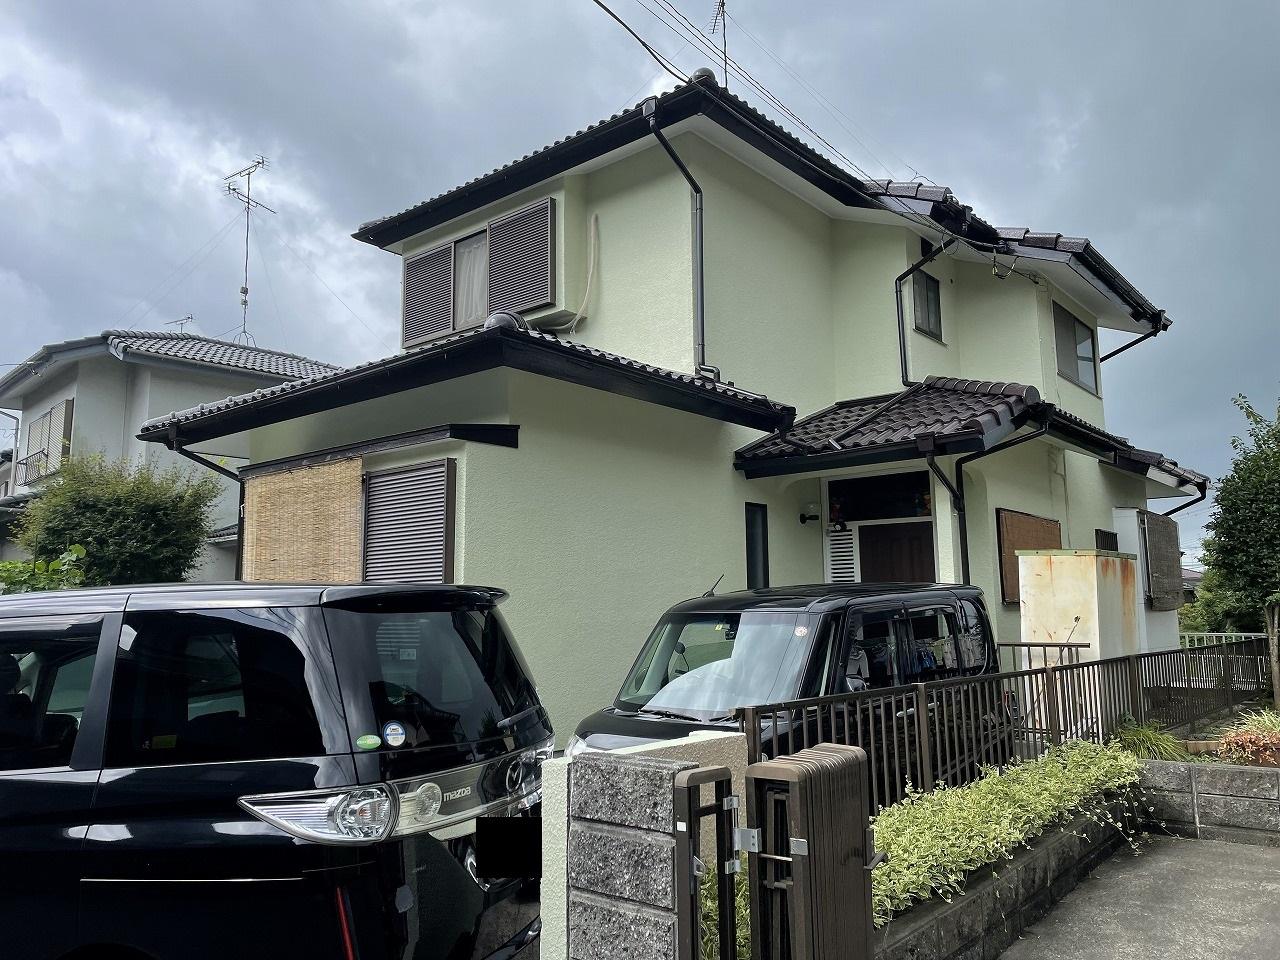 千葉県印旛郡O様邸 外壁塗装・屋根塗装工事が完成しました!